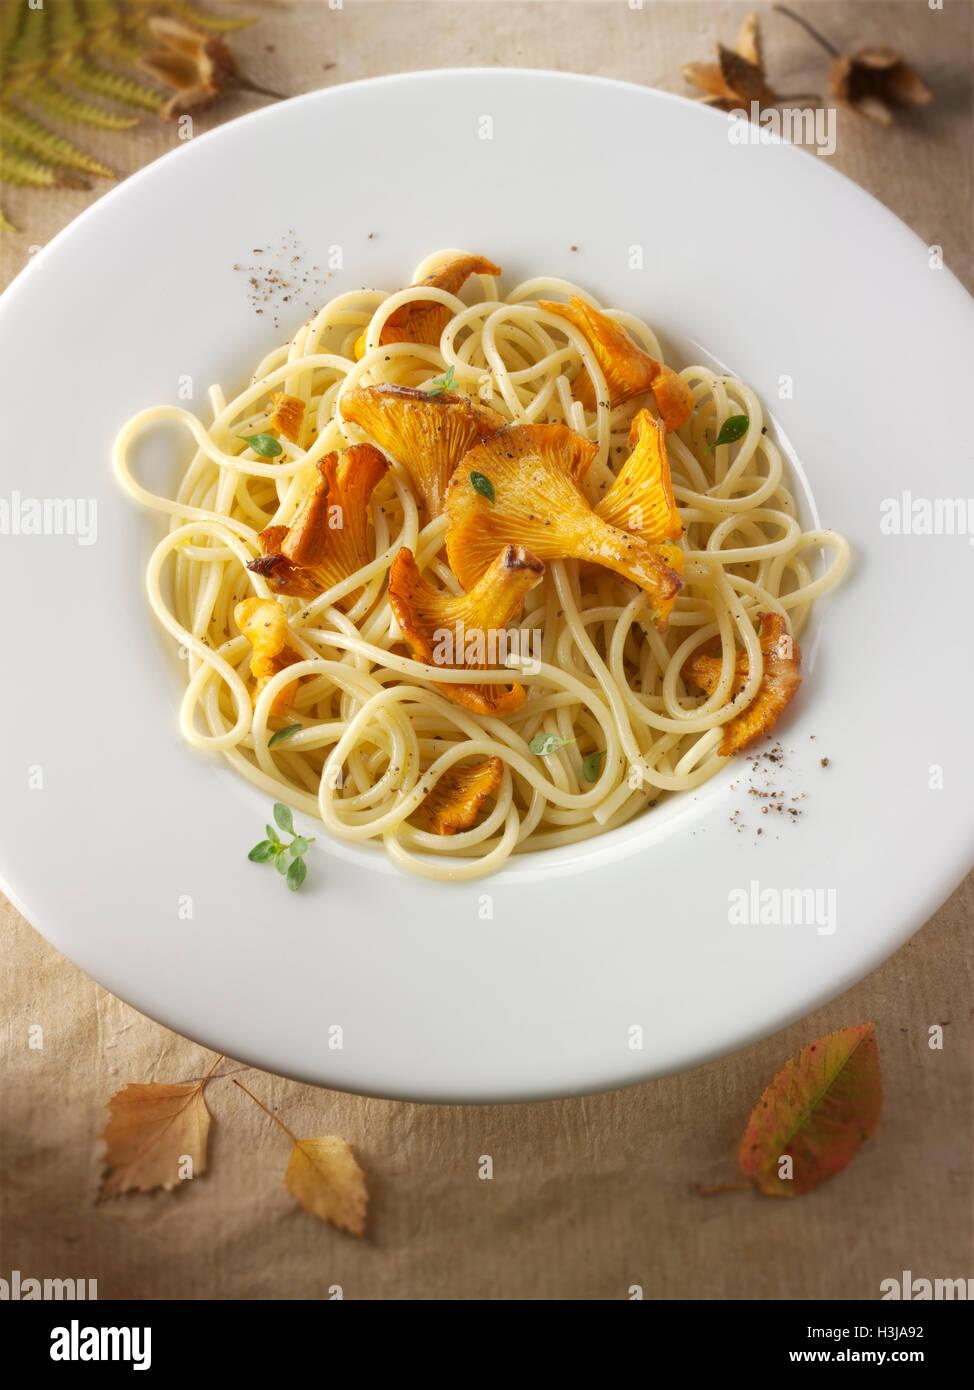 Wiild chanterelle ou girolle organiques Champignons (Cantharellus cibarius) ou sautés au beurre et avec des spaghetti Banque D'Images